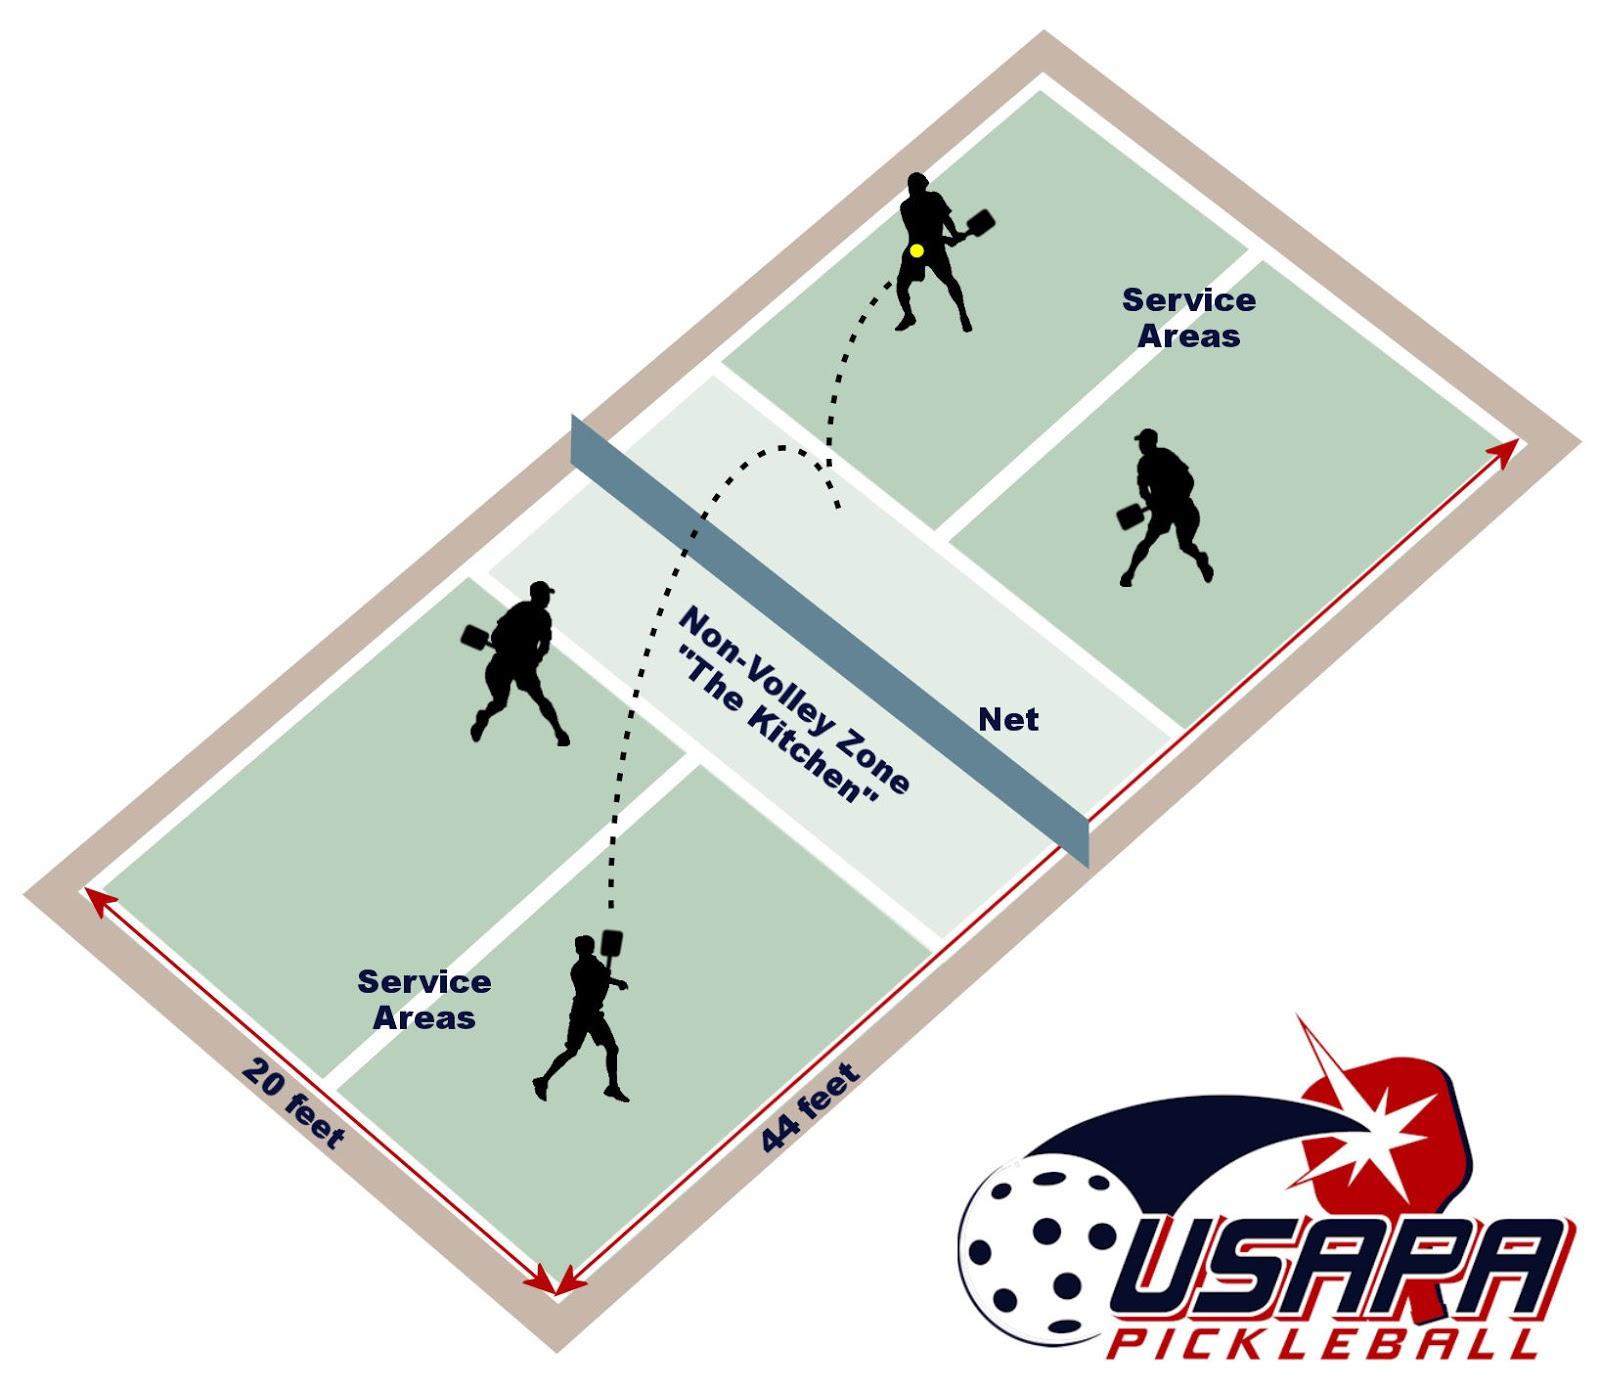 Educaci n f sica digital julio barrachina pickleball for Racquetball court diagram